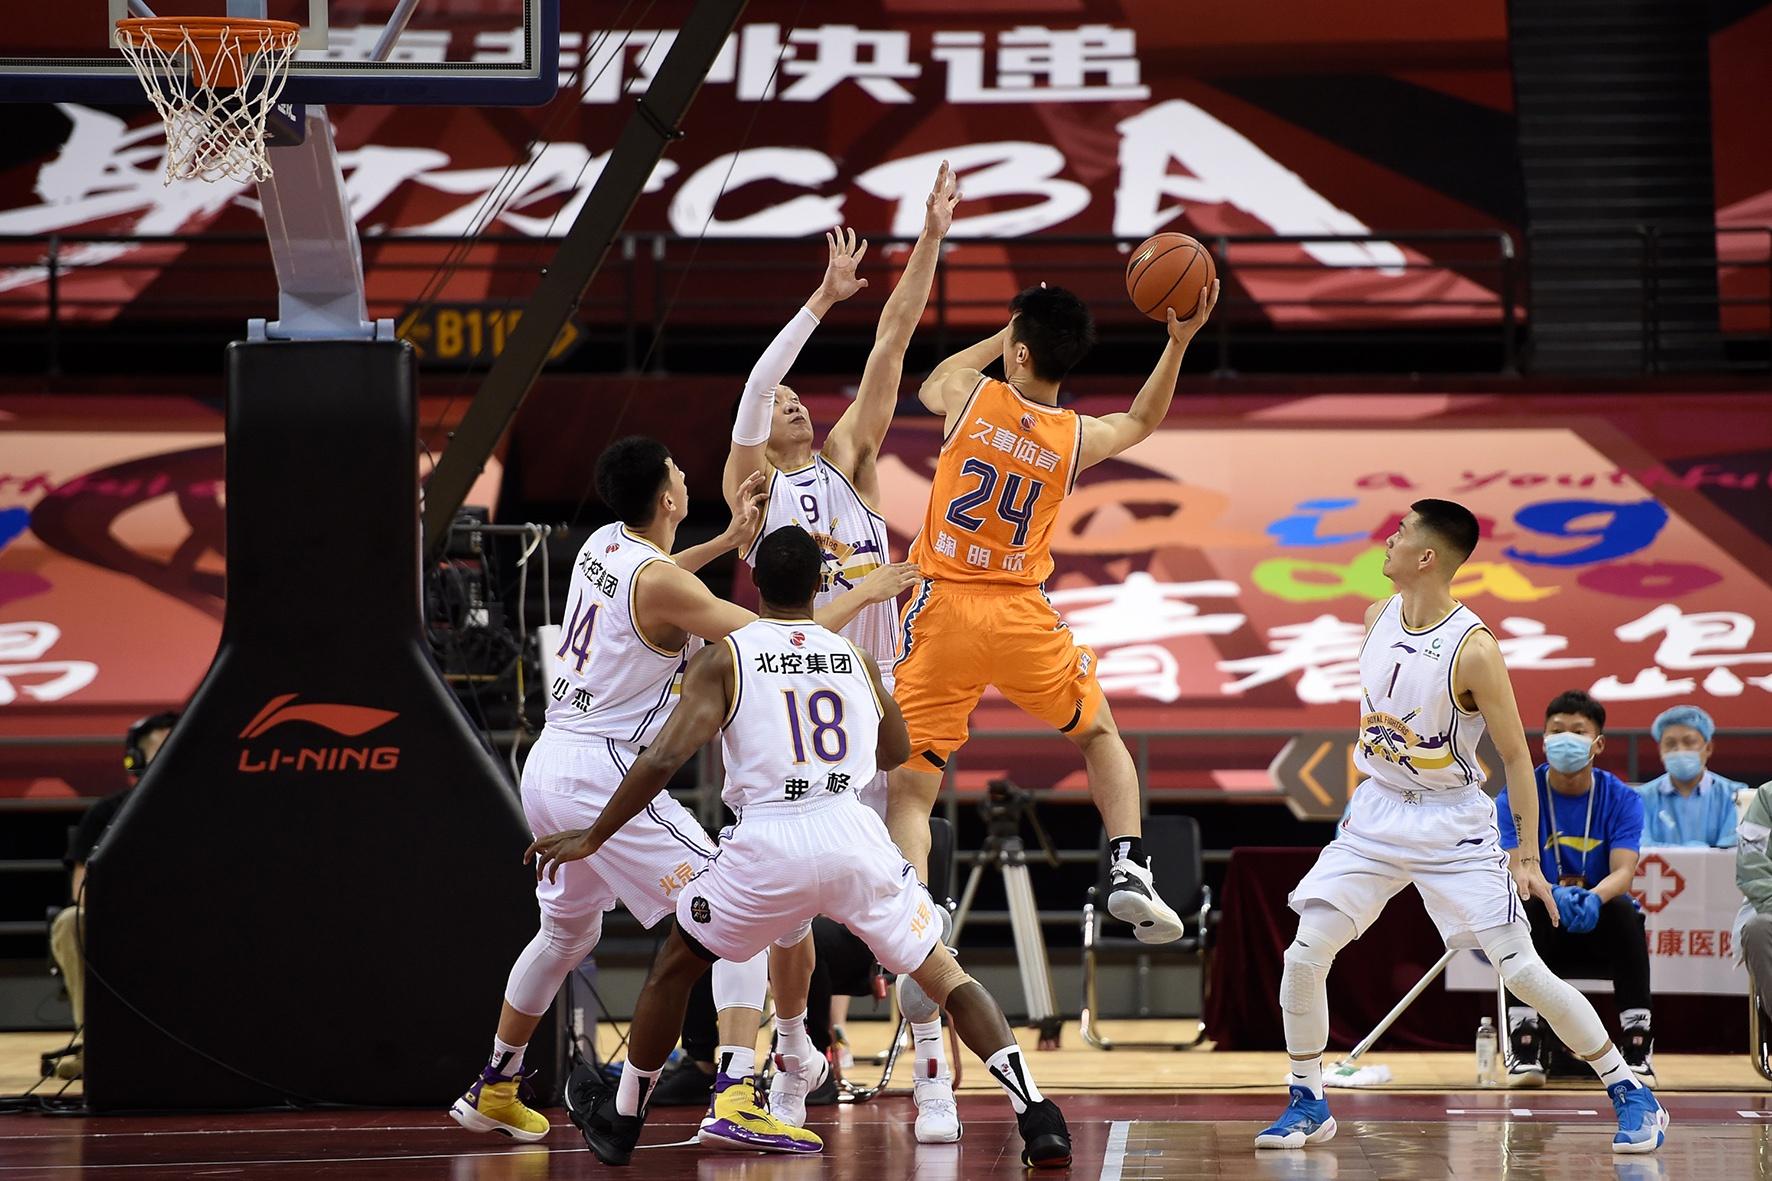 7分惜败于北控,但上海男篮的表现值得尊重